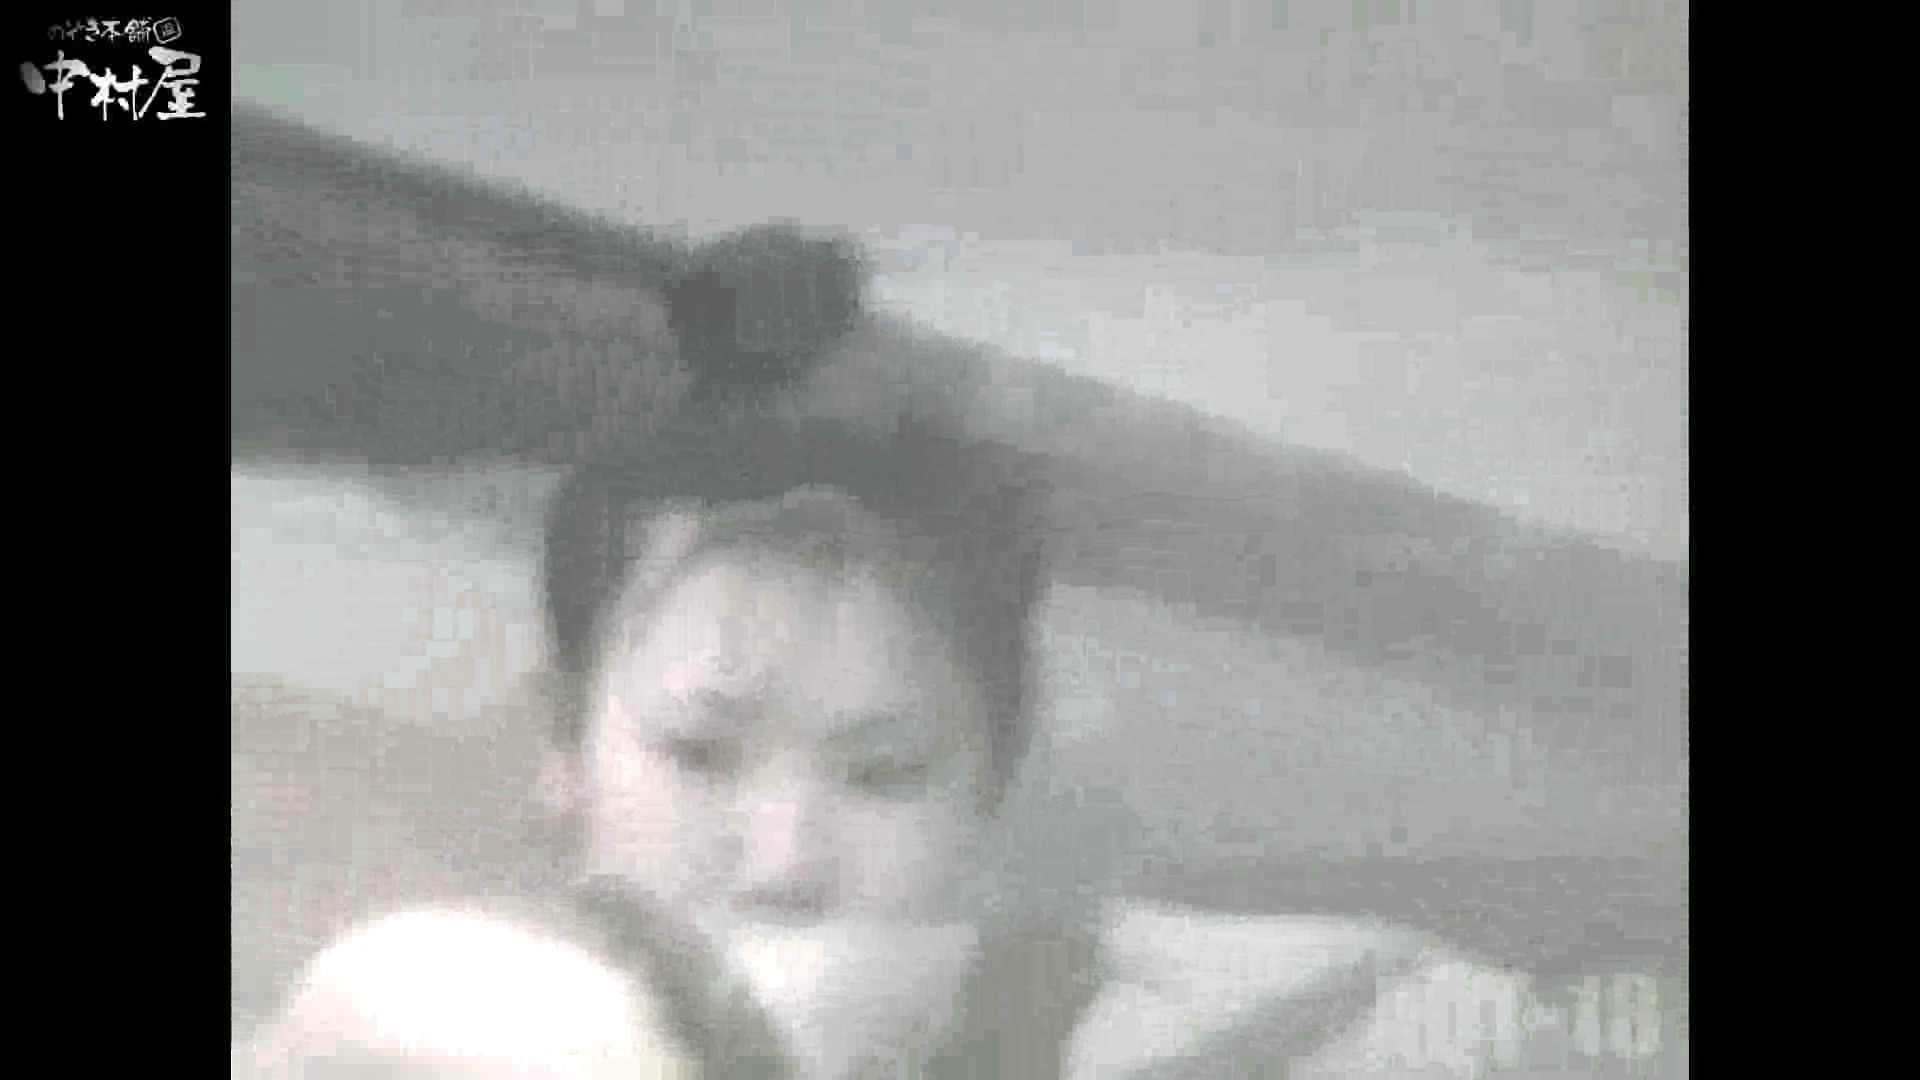 Aquaな露天風呂Vol.882潜入盗撮露天風呂十八判湯 其の二 盗撮 オマンコ動画キャプチャ 78PICs 11